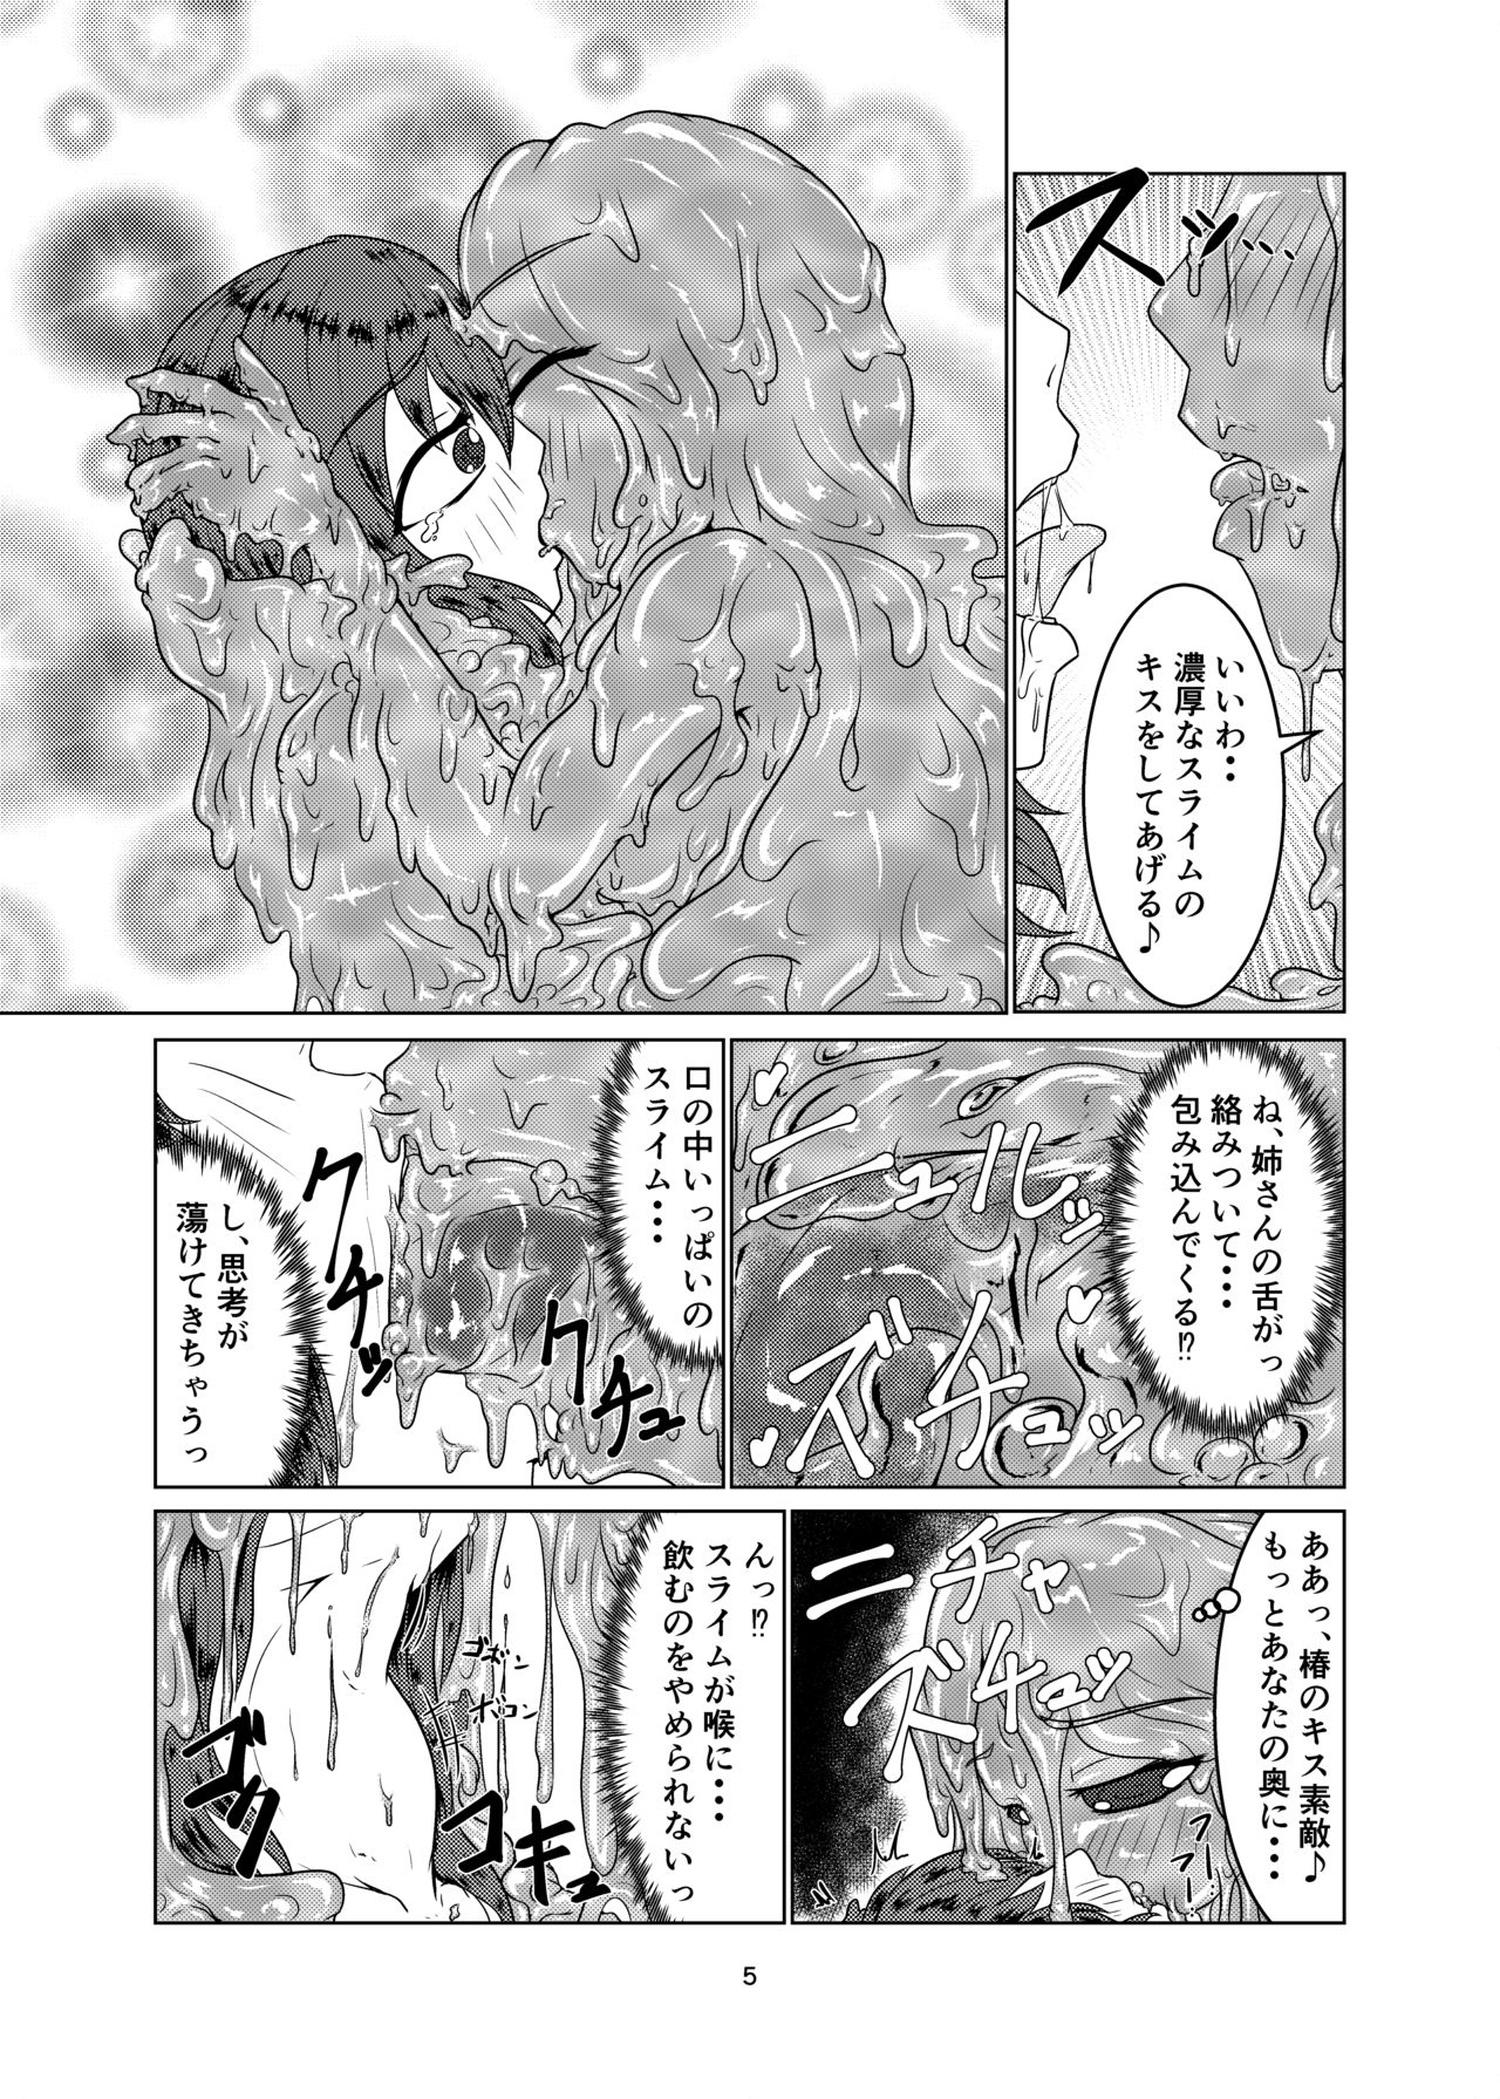 【エロ漫画】スライムになってしまったお姉さんに、身動きできなくされてお尻から姉さんが入って来ちゃう!【無料 エロ同人誌】 (4)